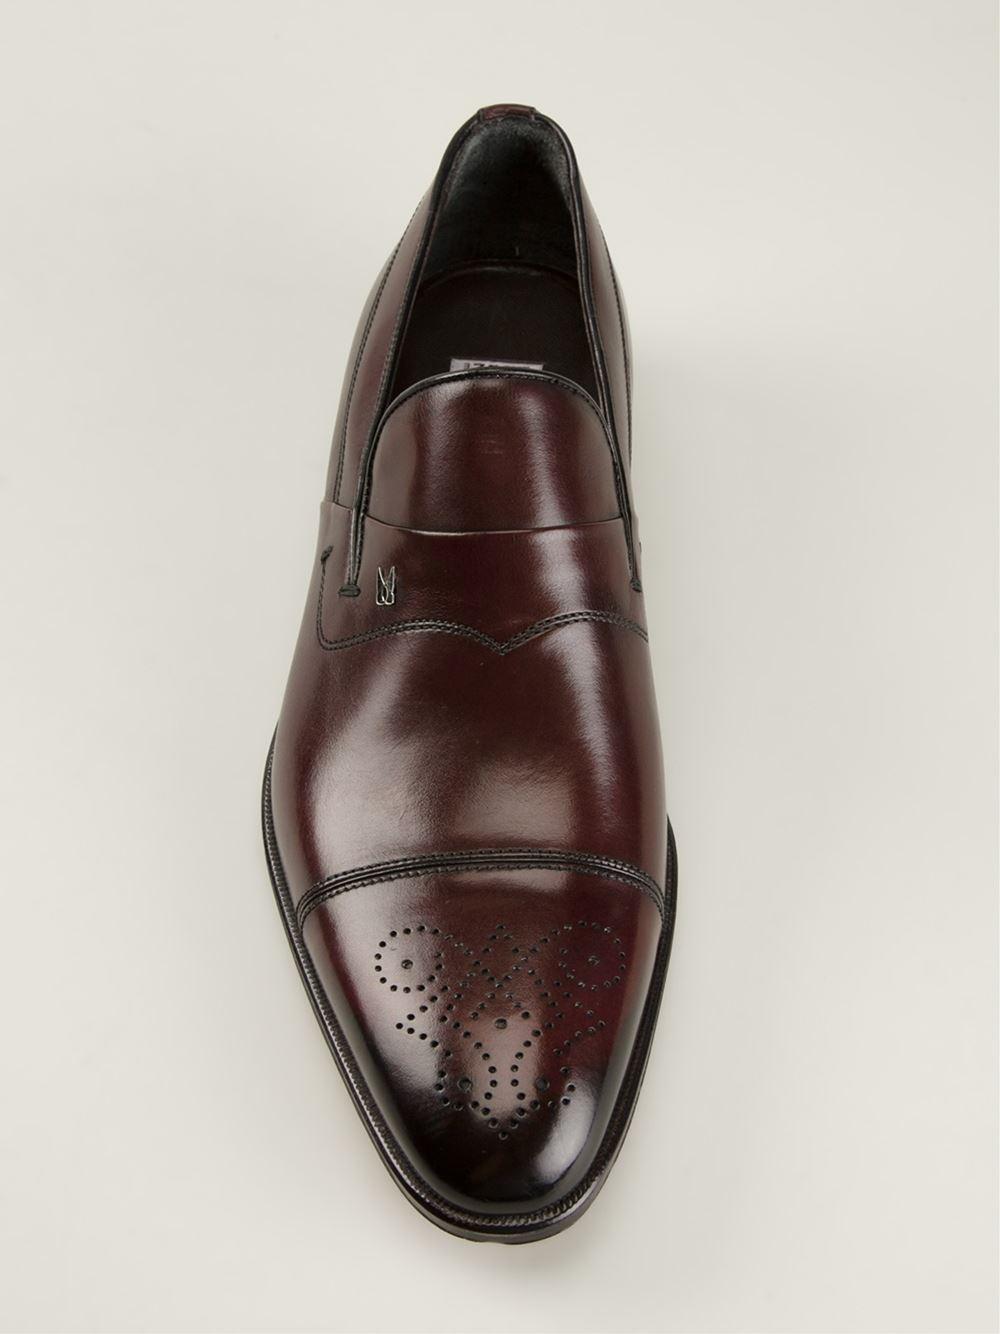 Moreschi Mens Shoes